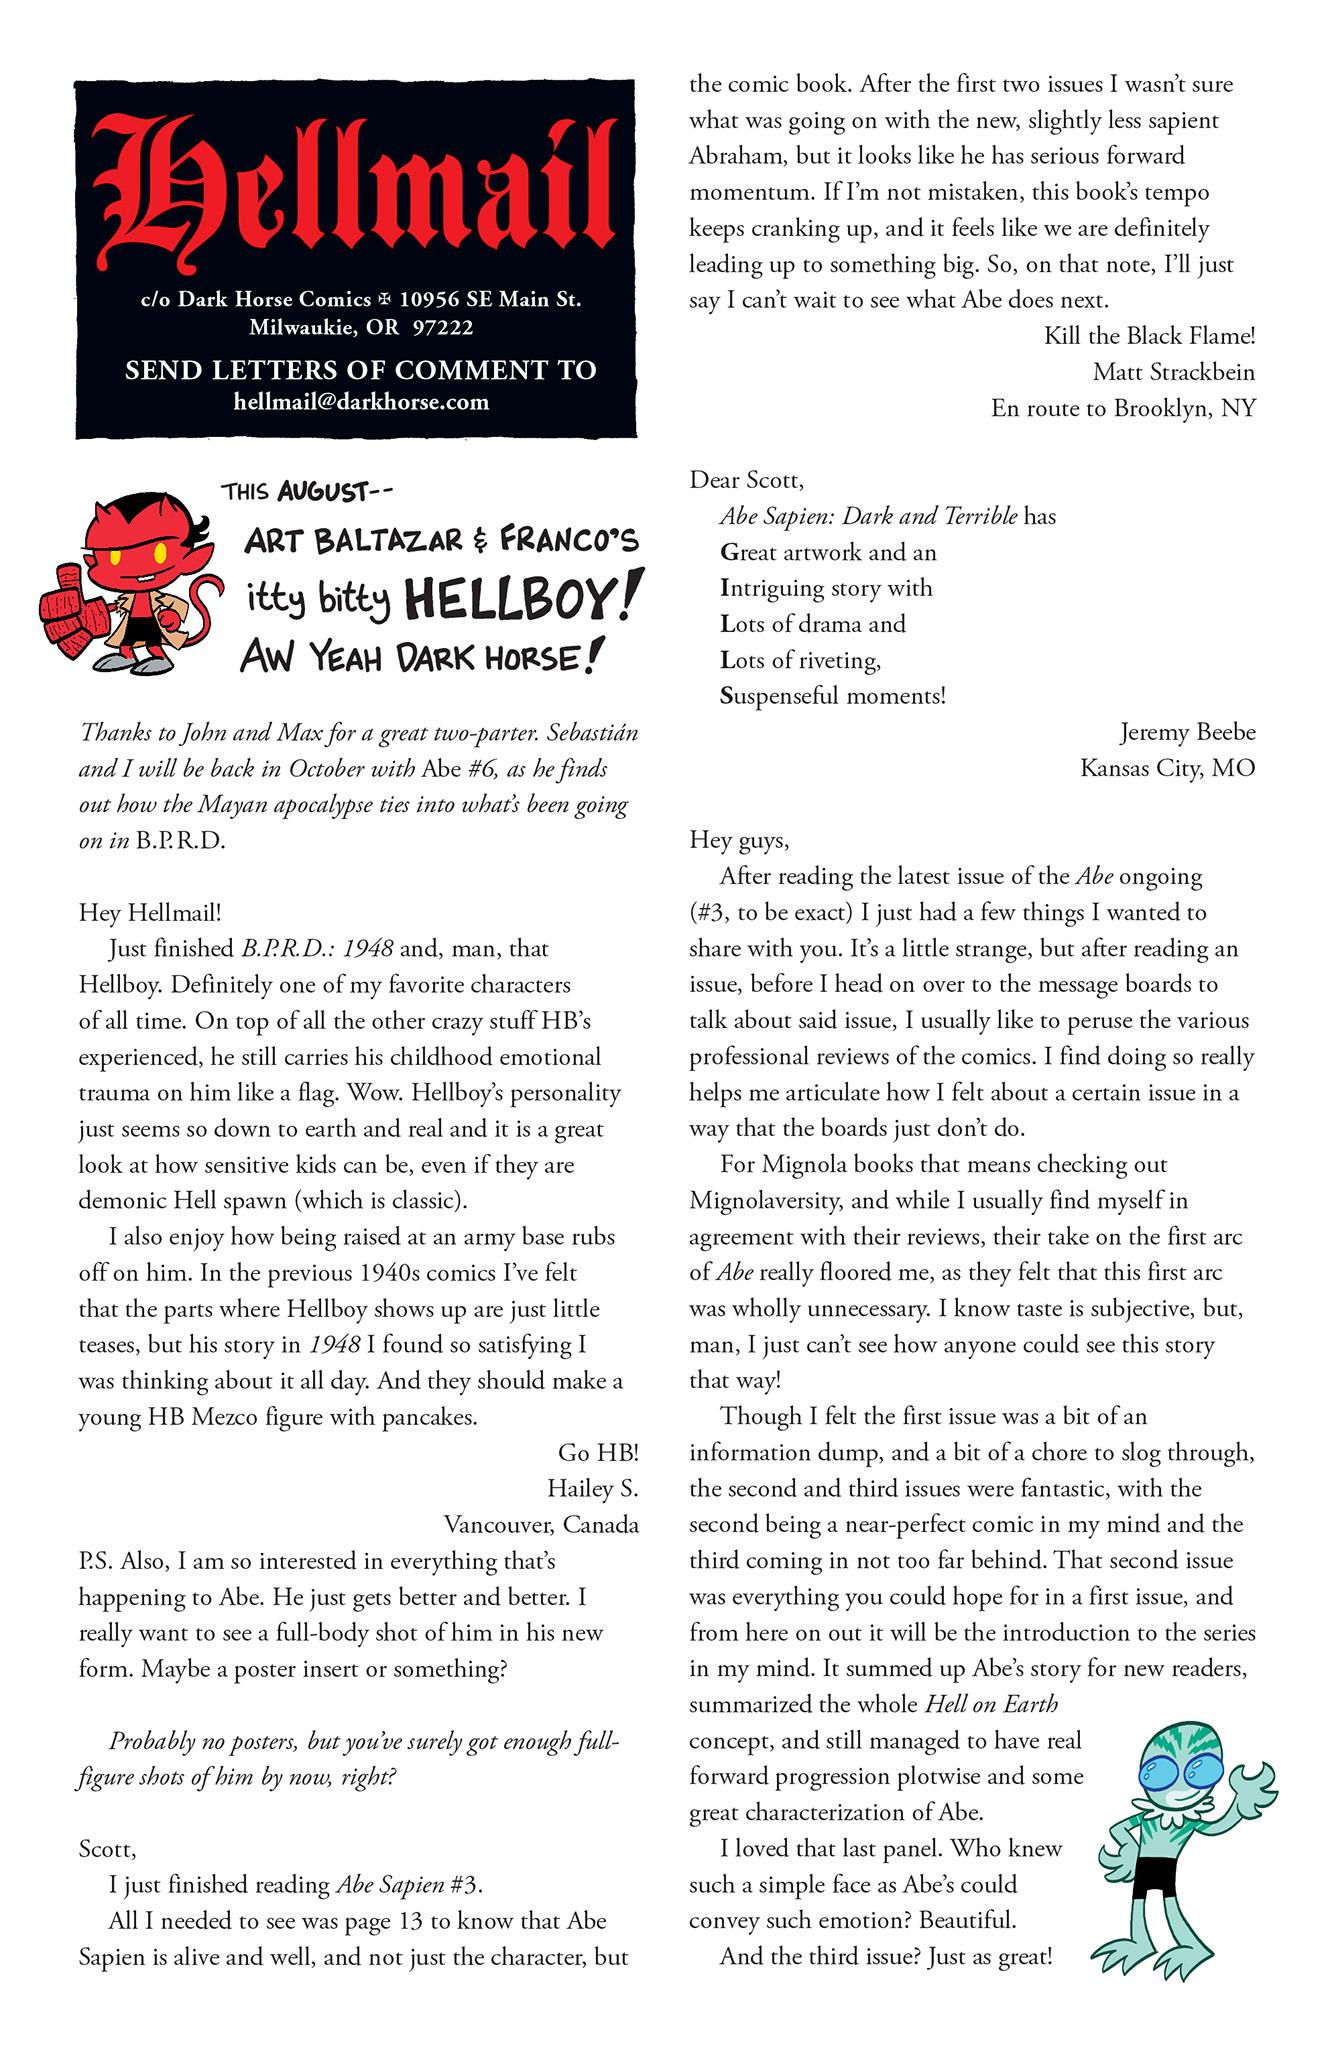 Read online Abe Sapien comic -  Issue #5 - 25